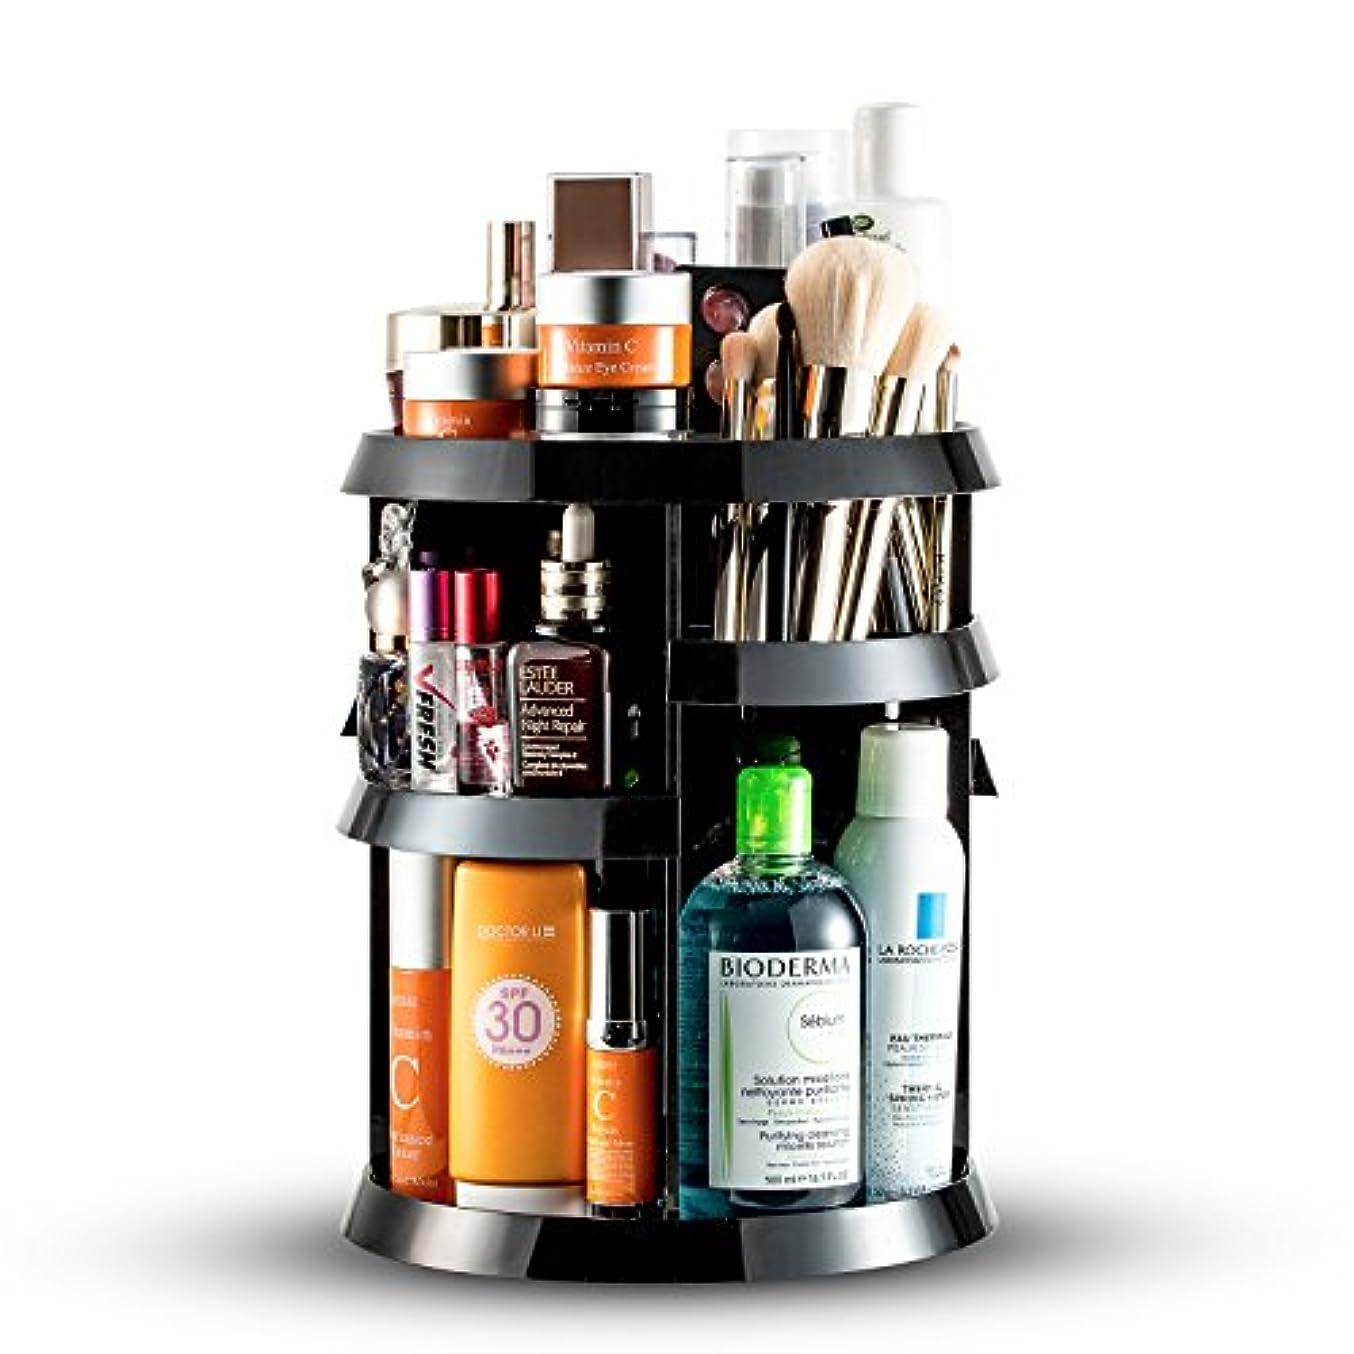 顎眠いですさまよう360度回転メイクオーガナイザー、調節可能な多機能化粧品収納ボックス、ディスプレイスタンド、7層、メイクアップ、トナー、クリーム、メイクブラシ、リップスティックなど(ブラック)